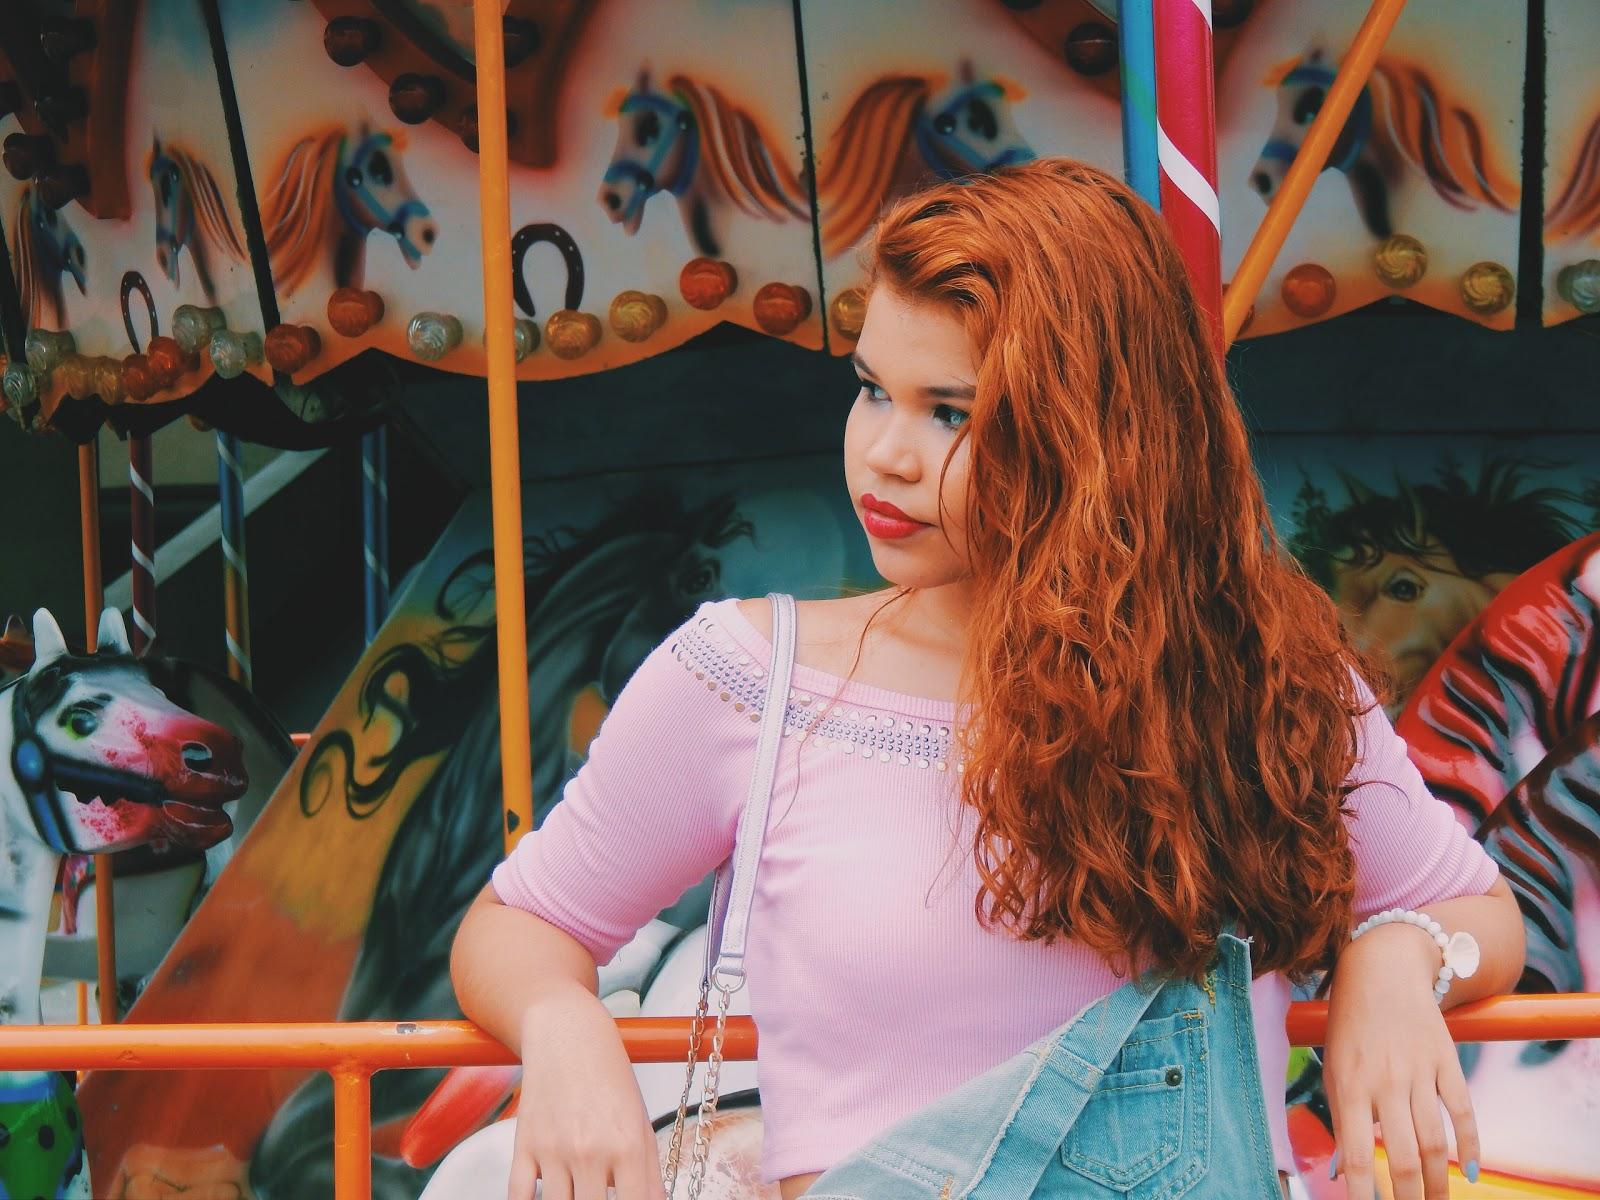 Jardineira jeans, look candy, look pastel, look rosinha, fotos no parque, fotos criativas, bolsa redonda rosa metálica, bolsa metálica, look tênis branco, look confortável, ingrid gleize